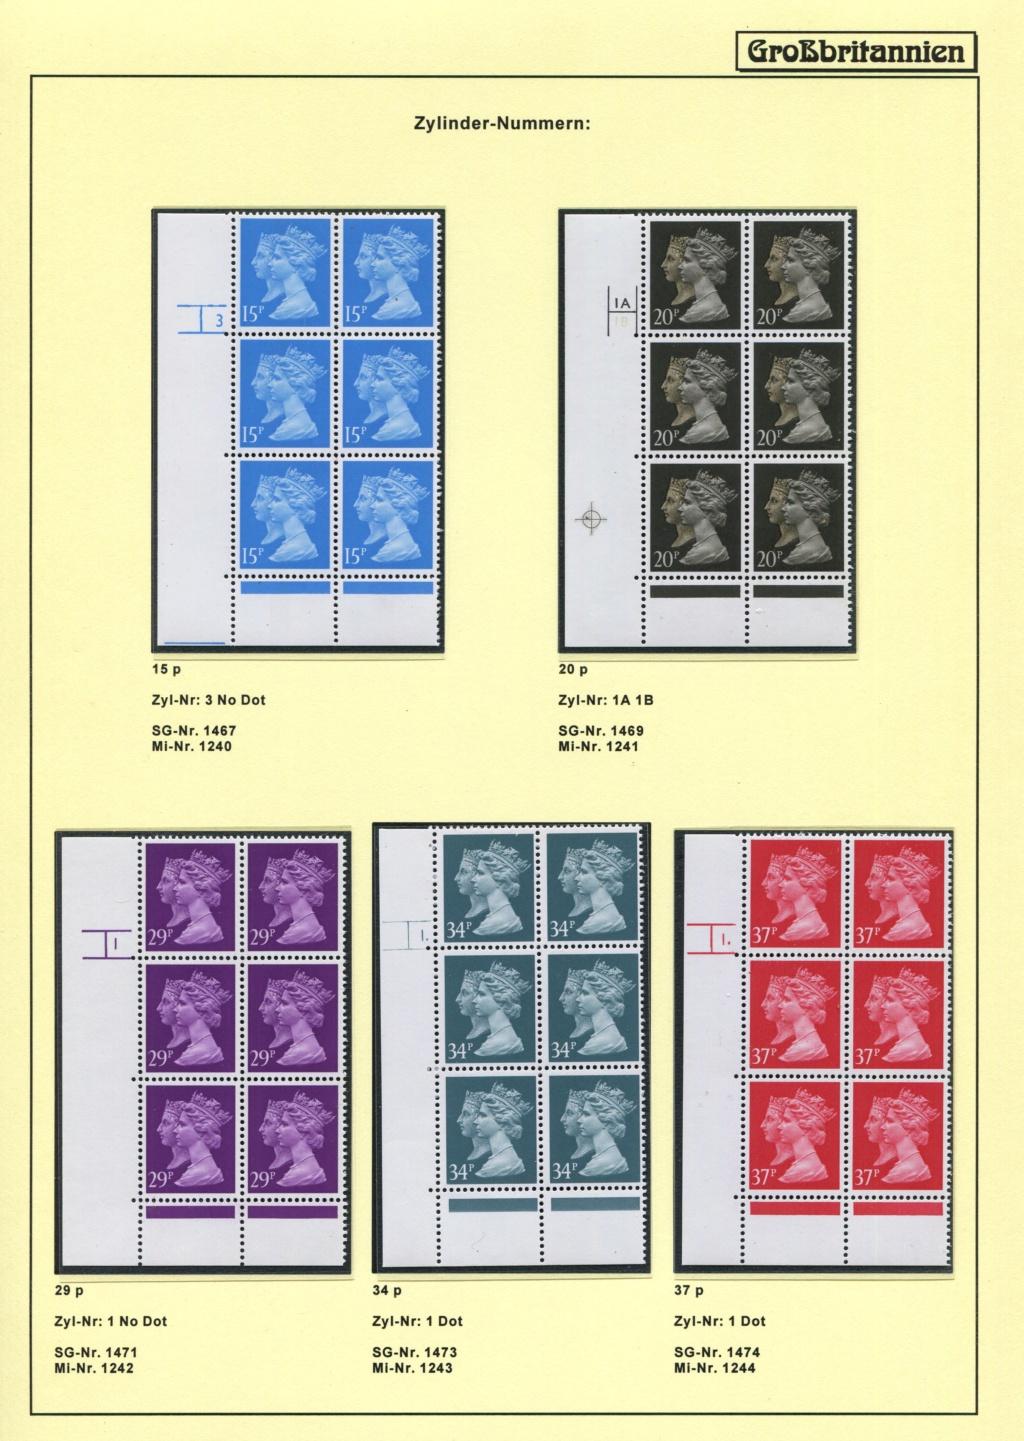 Großbritannien - 150 Jahre Briefmarken Black_15